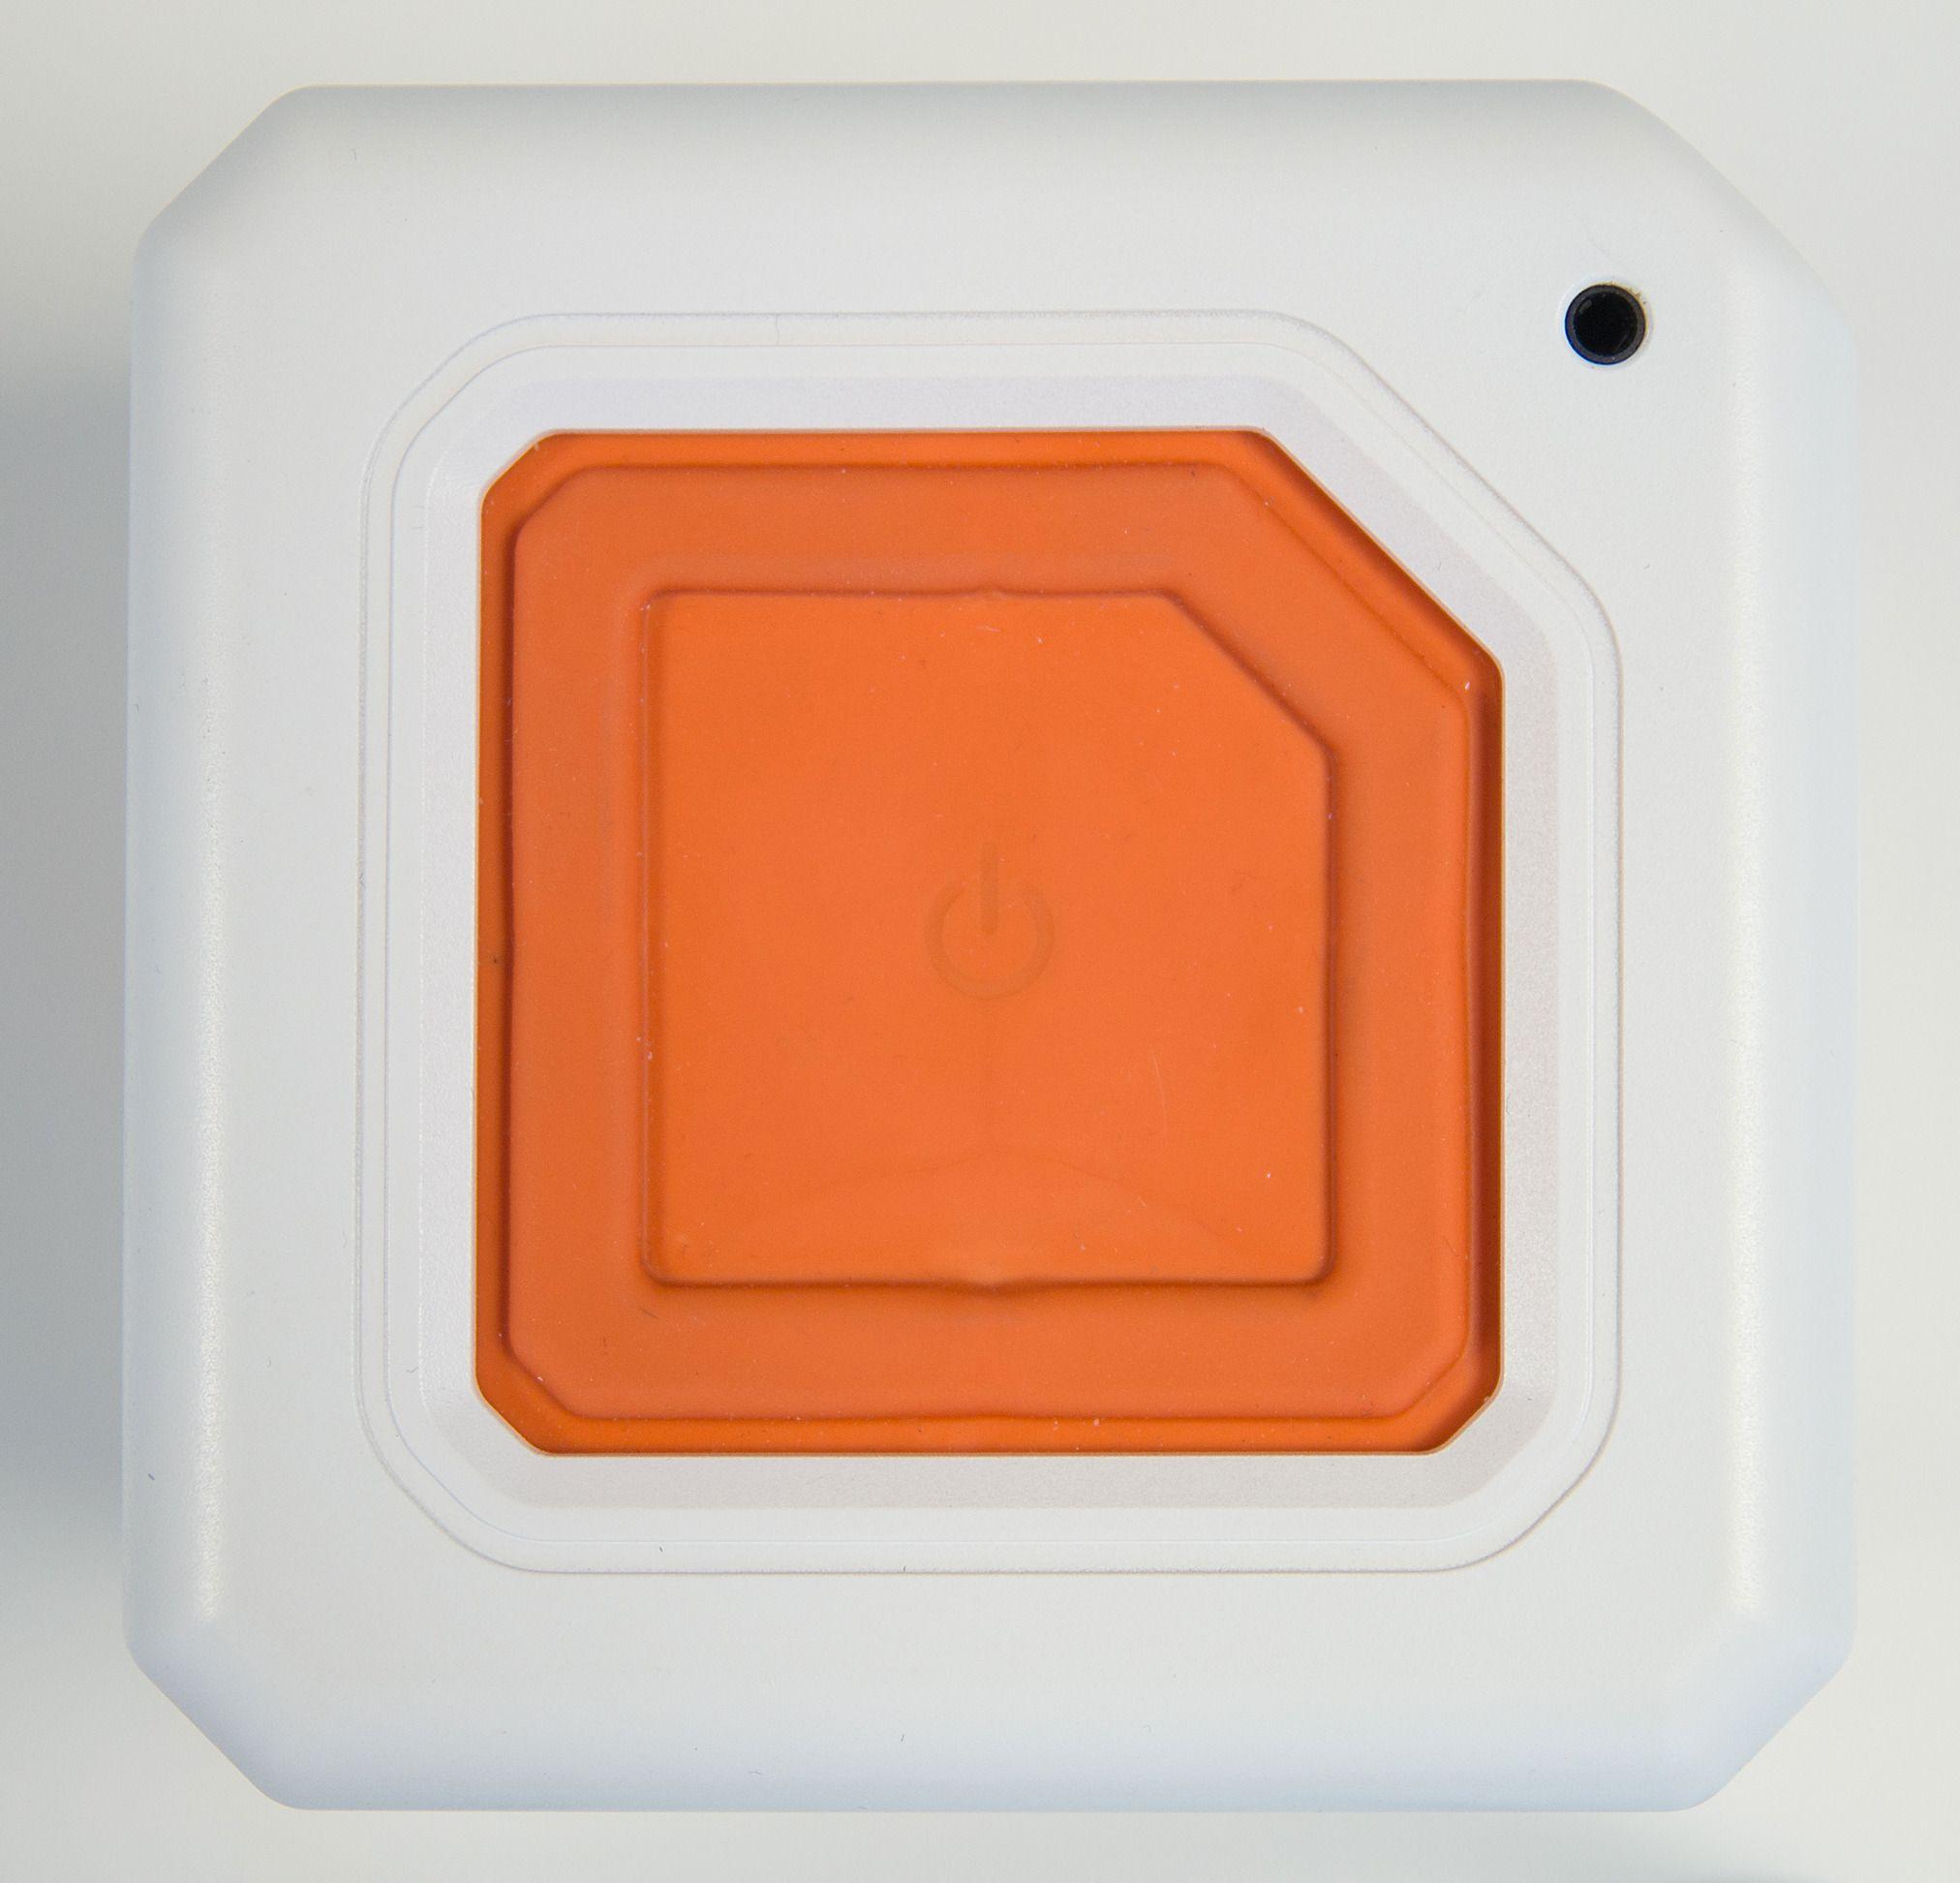 Den store av/på-knappen fungerer også som et passivt basselement.